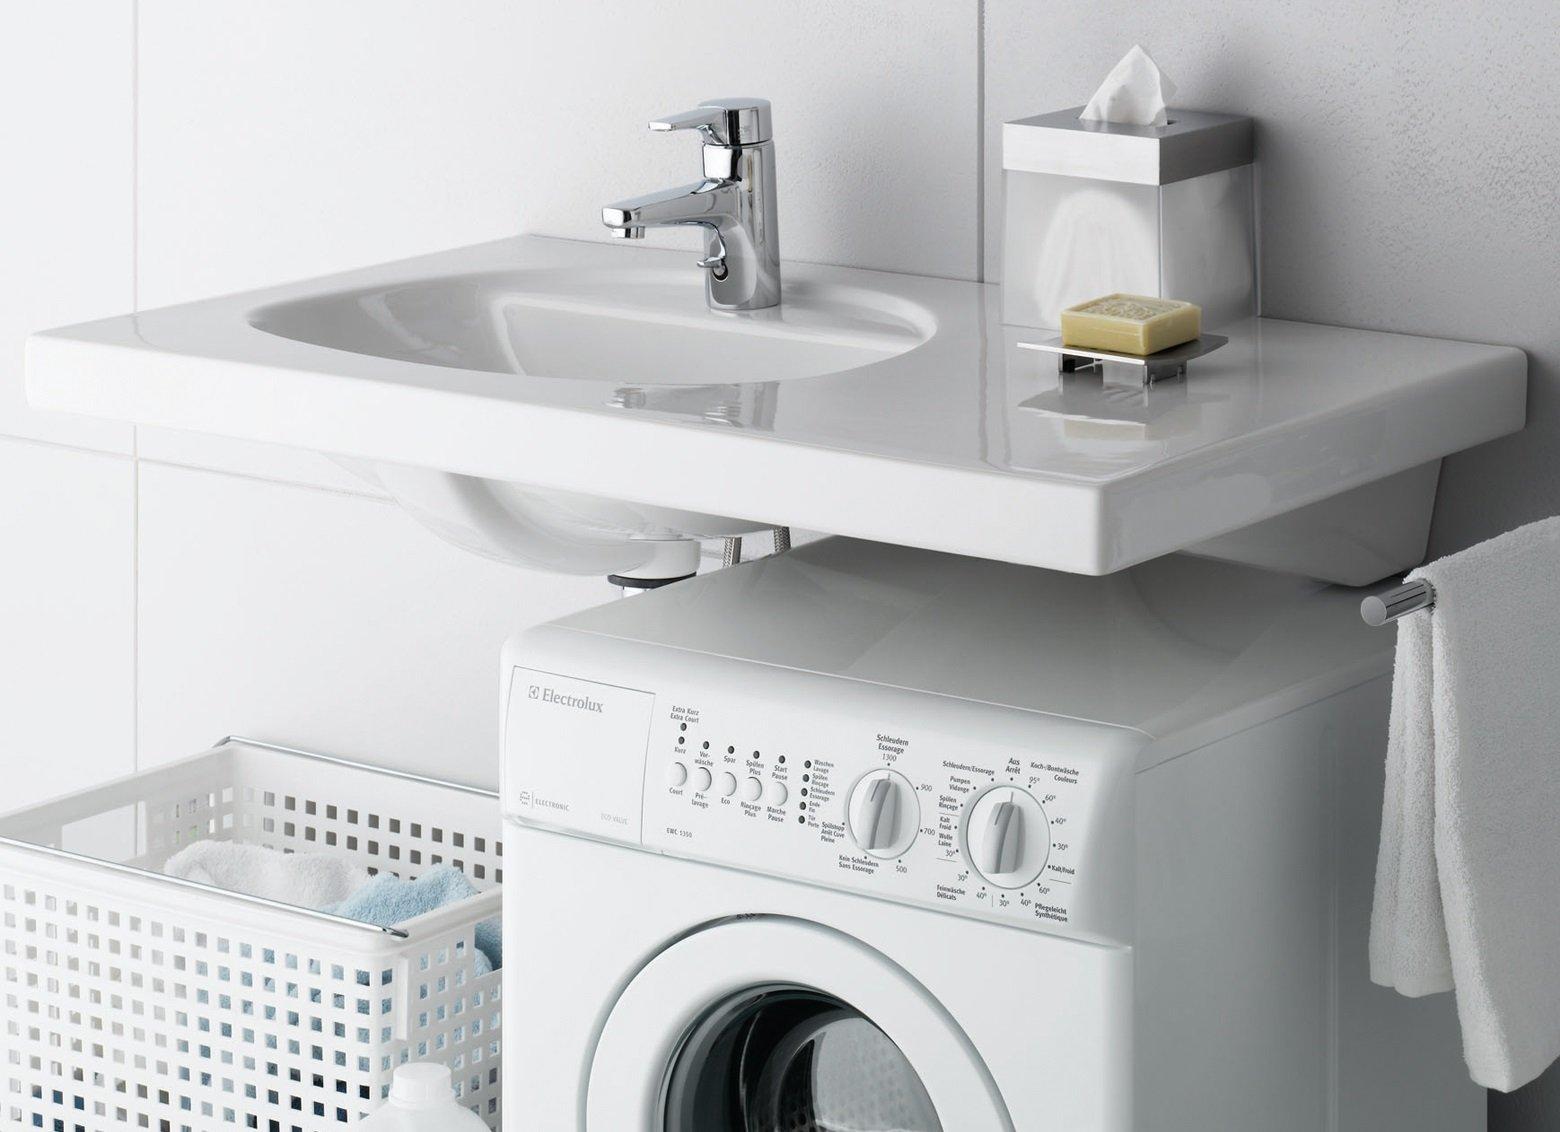 Как установить раковину над стиральной машиной: решаем проблему тесной ванной комнаты